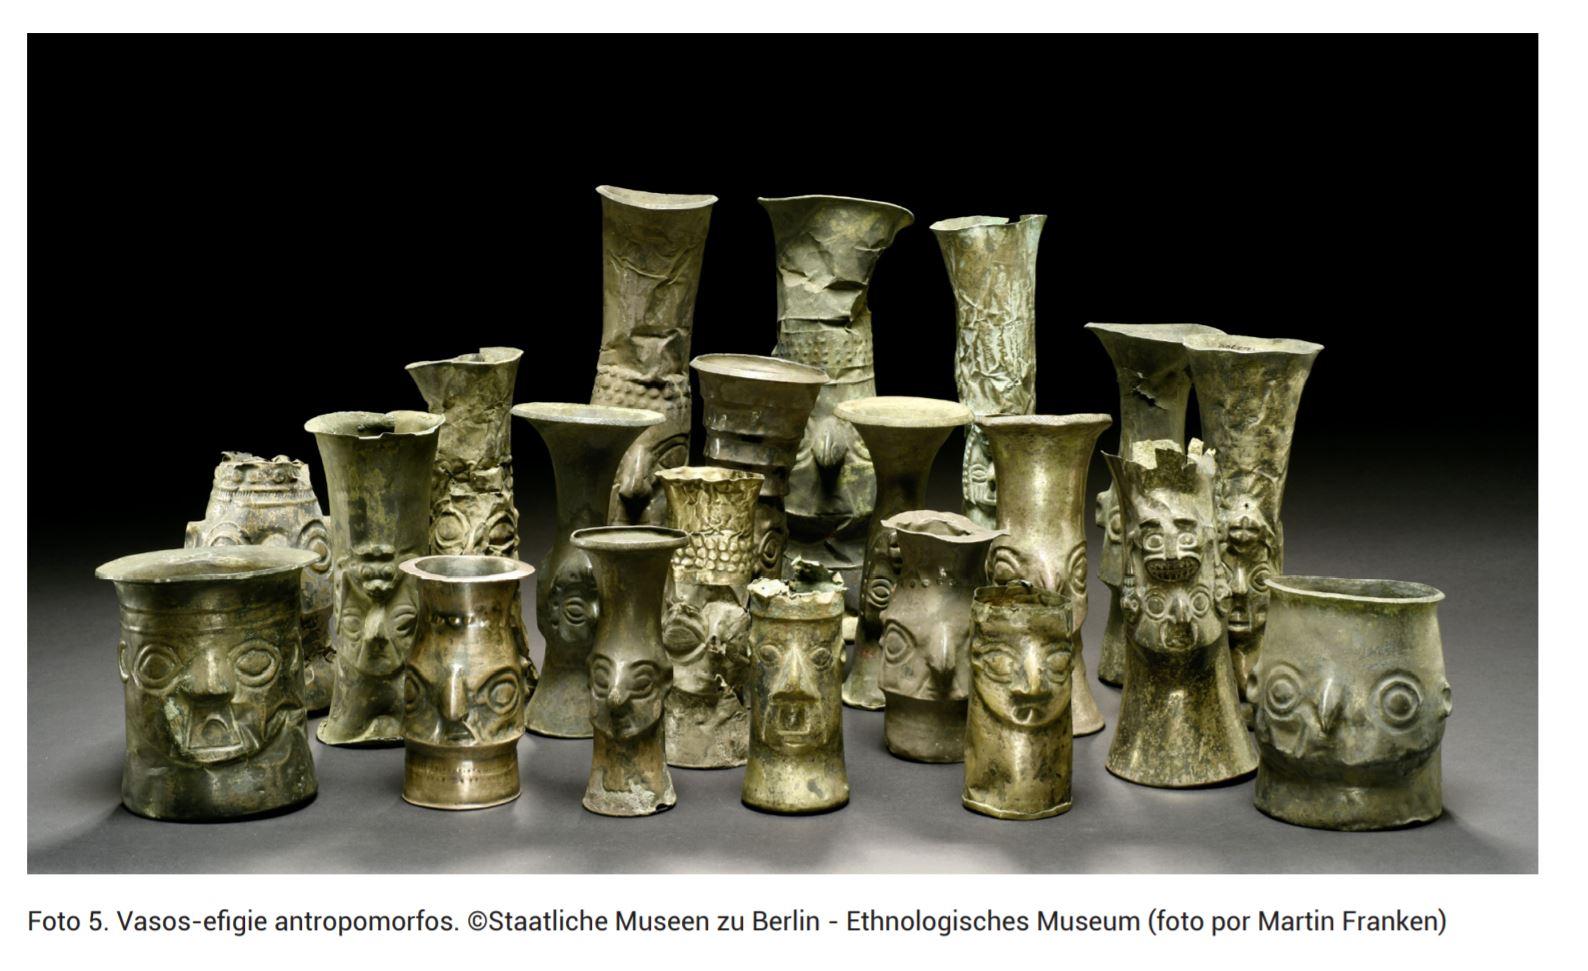 Costa central. Intermedio tardío y Tardío.Museo Etnológico de Berlin